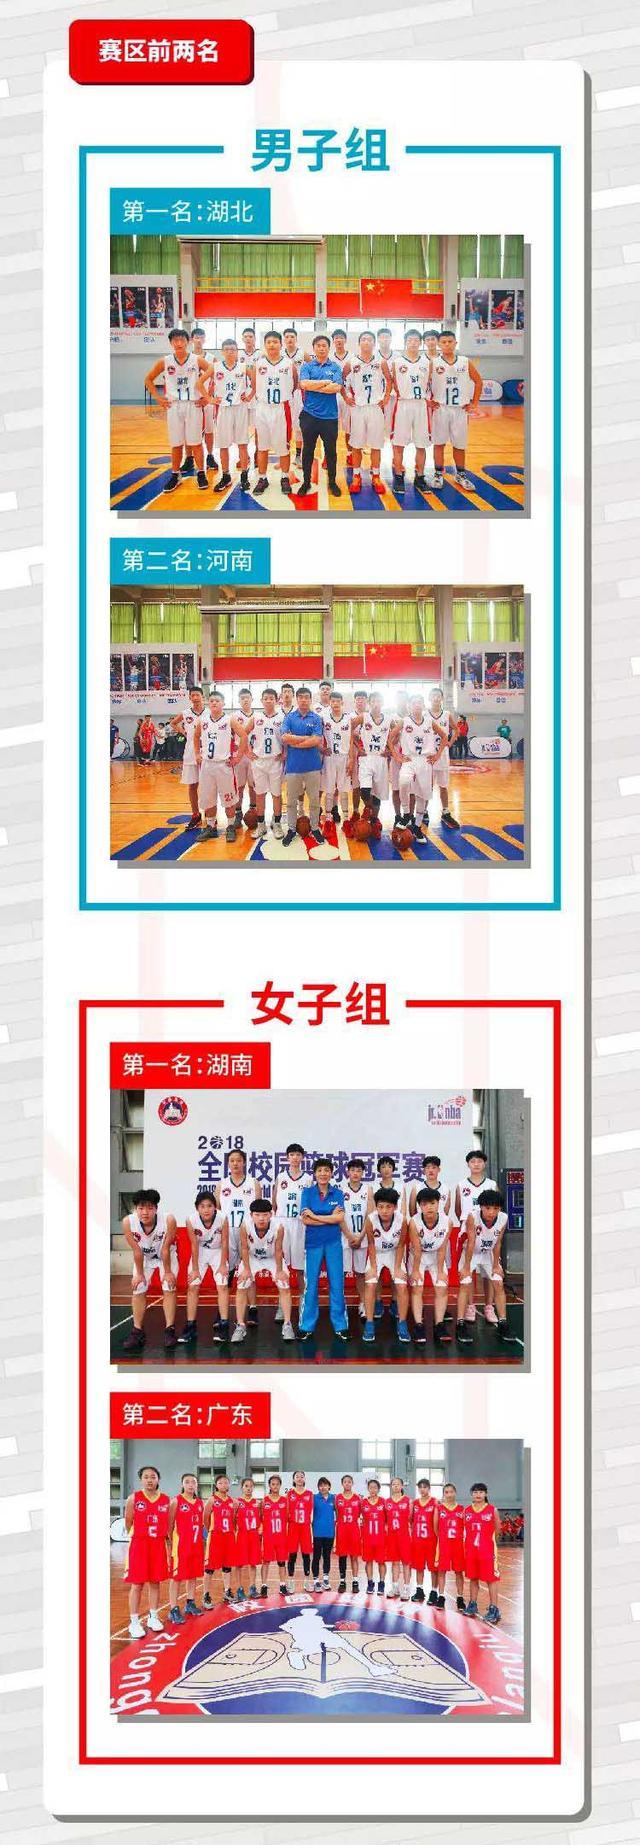 冠军赛广州大区赛收官,四支球队率先晋级全国总决赛!